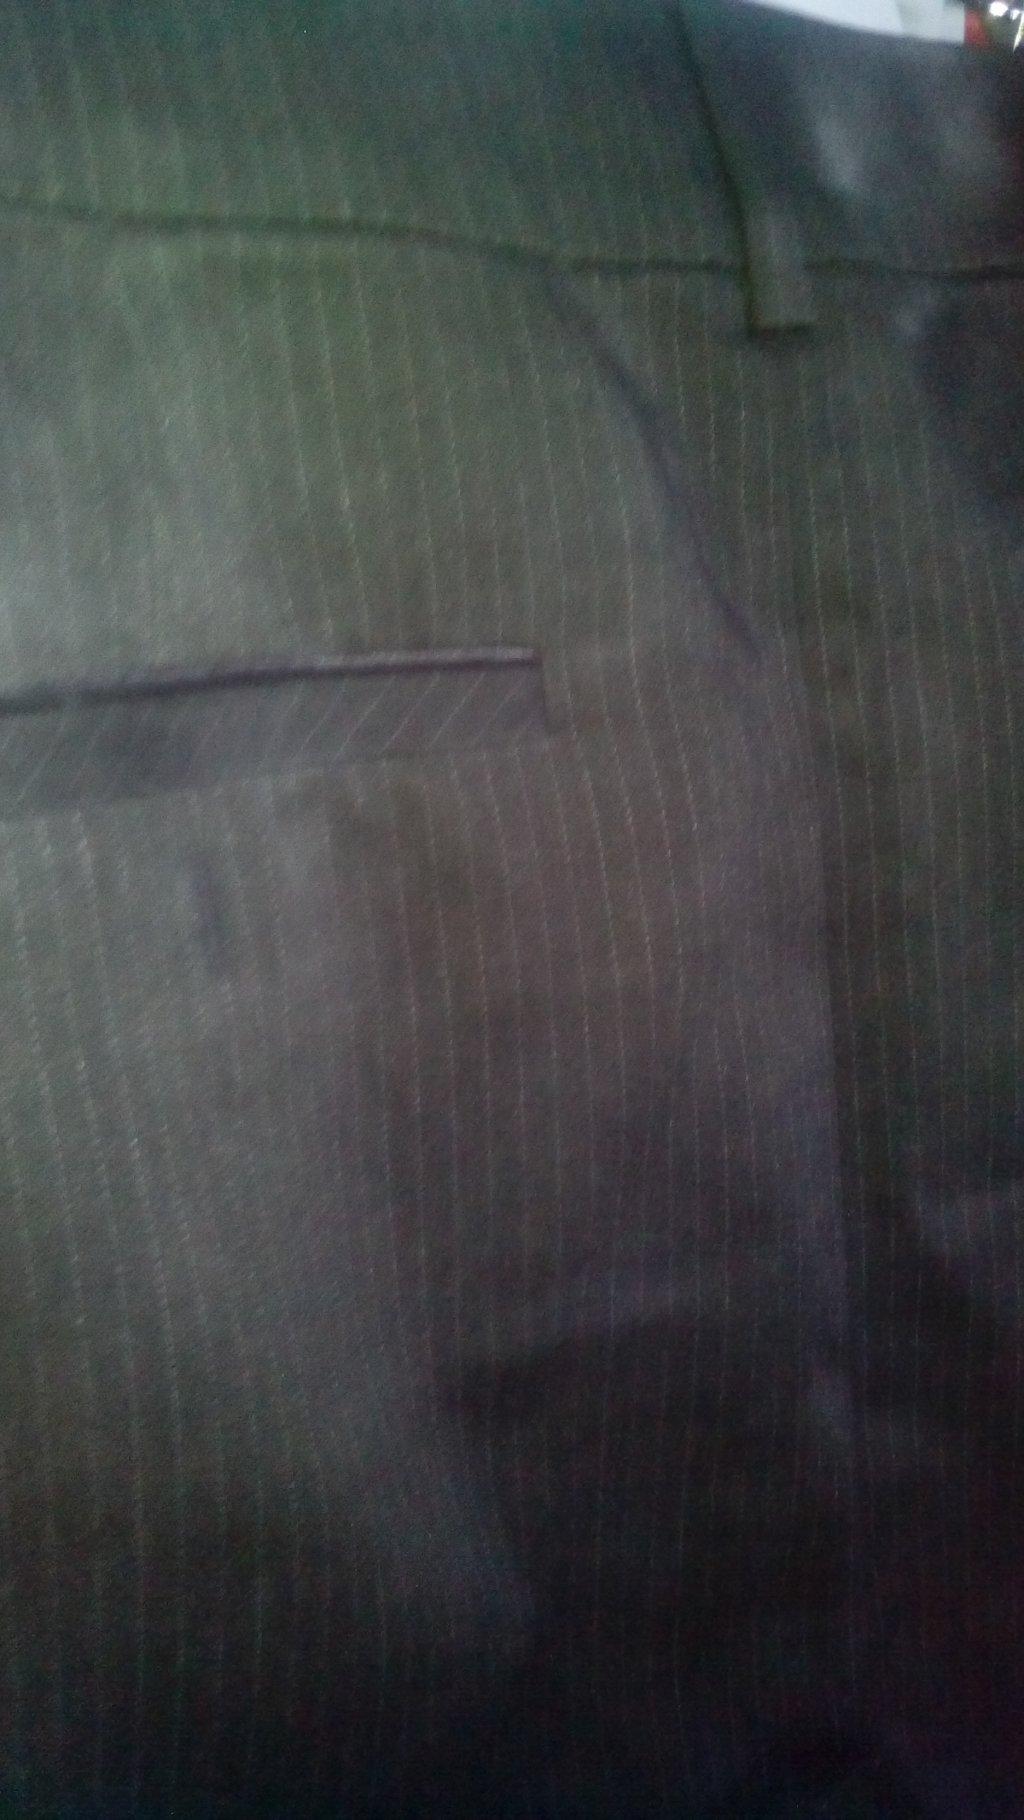 Шафа (shafa.ua) - Женщина отправила вещь с пятнами и запахом прелости!